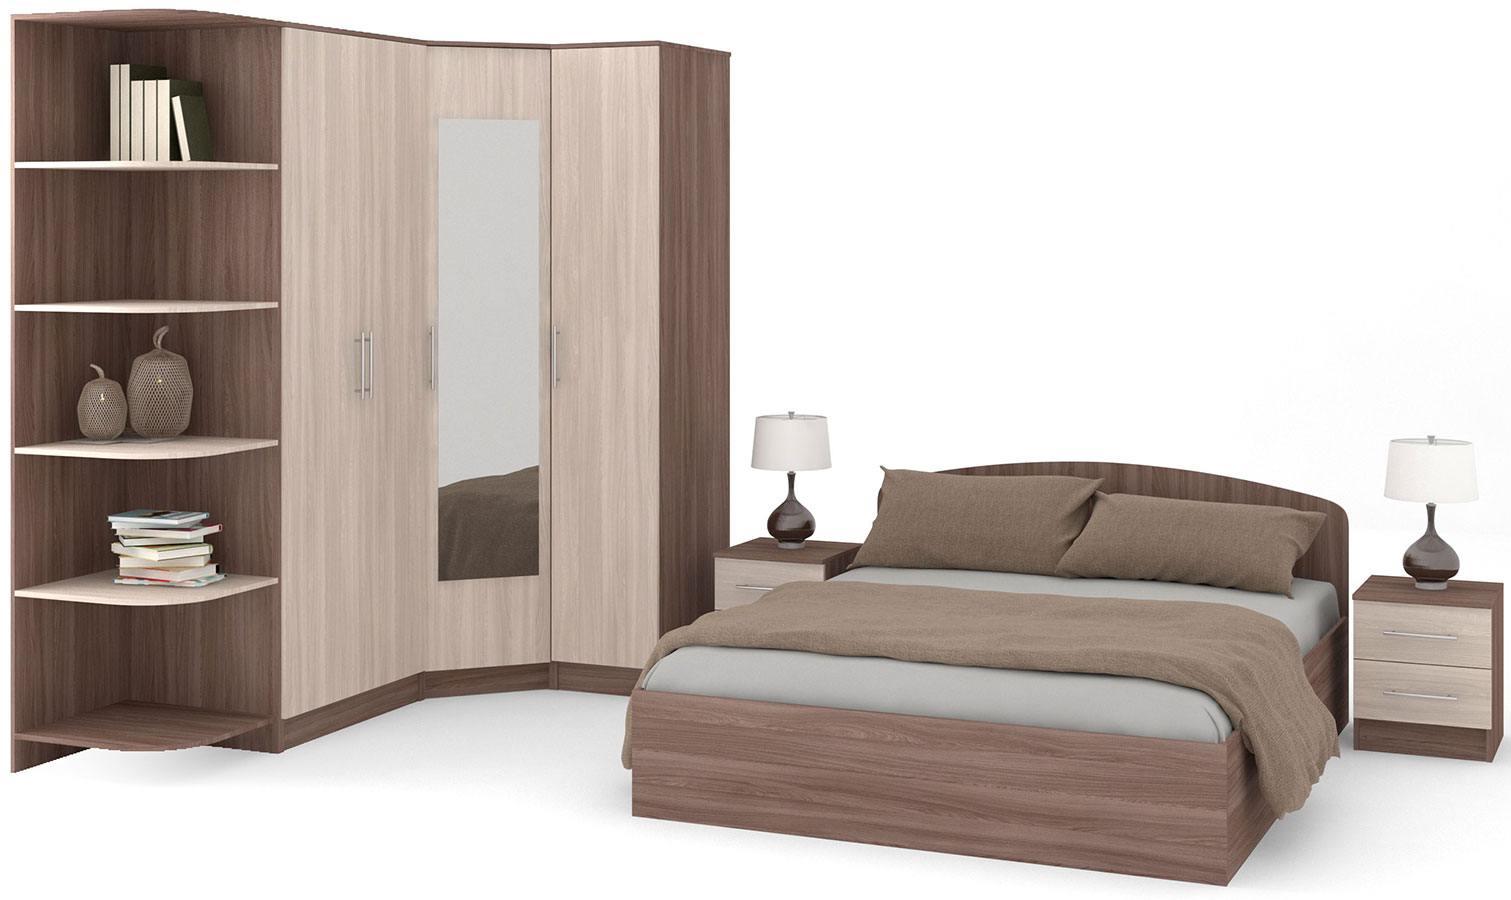 Typical bedroom design sketch